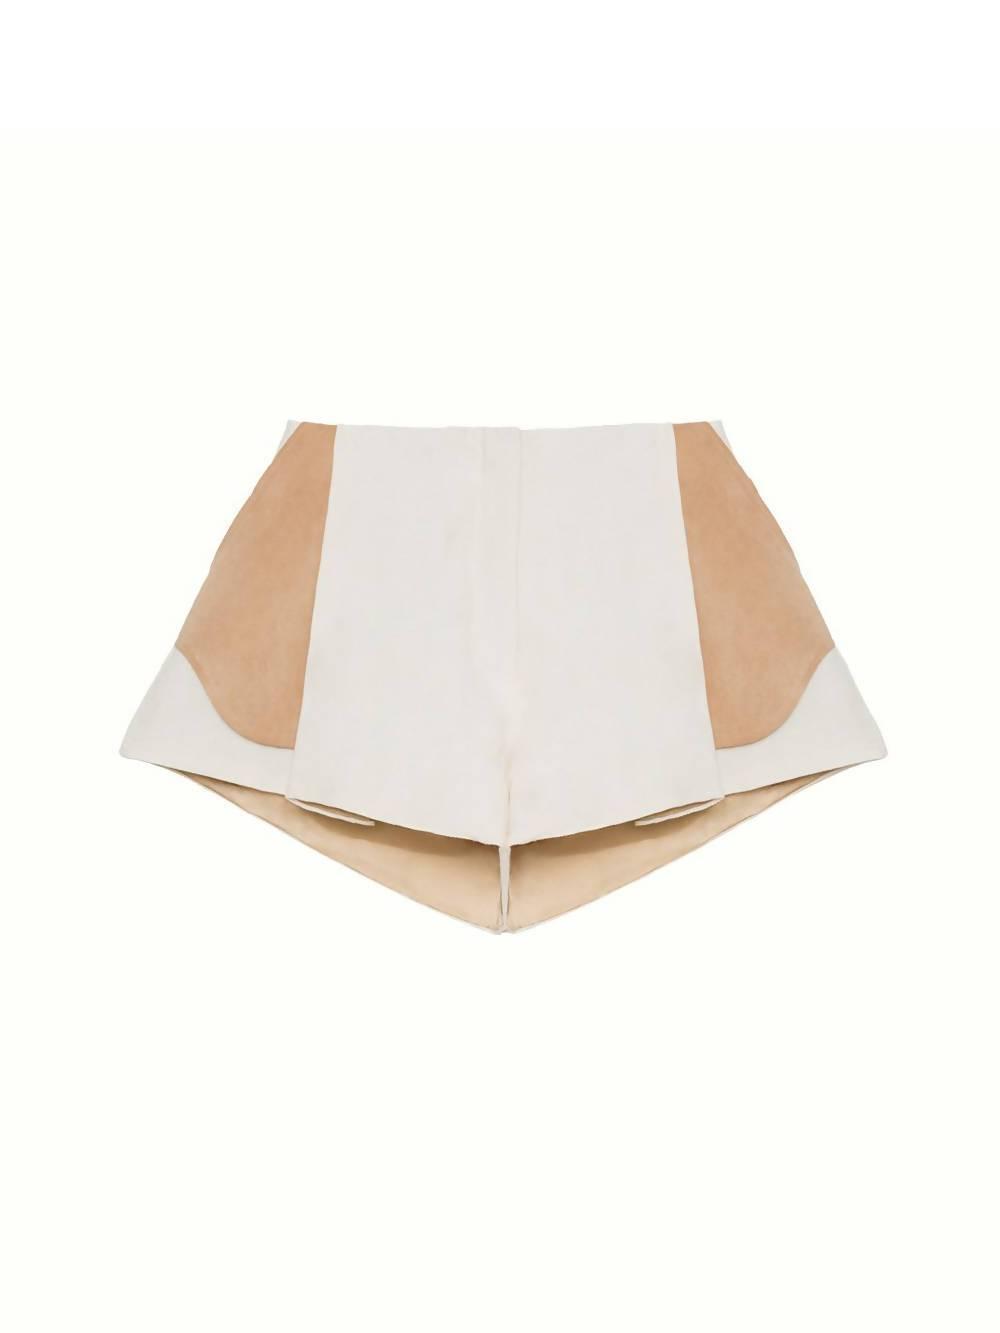 SONIA CARRASCO Folded Pocket Shorts